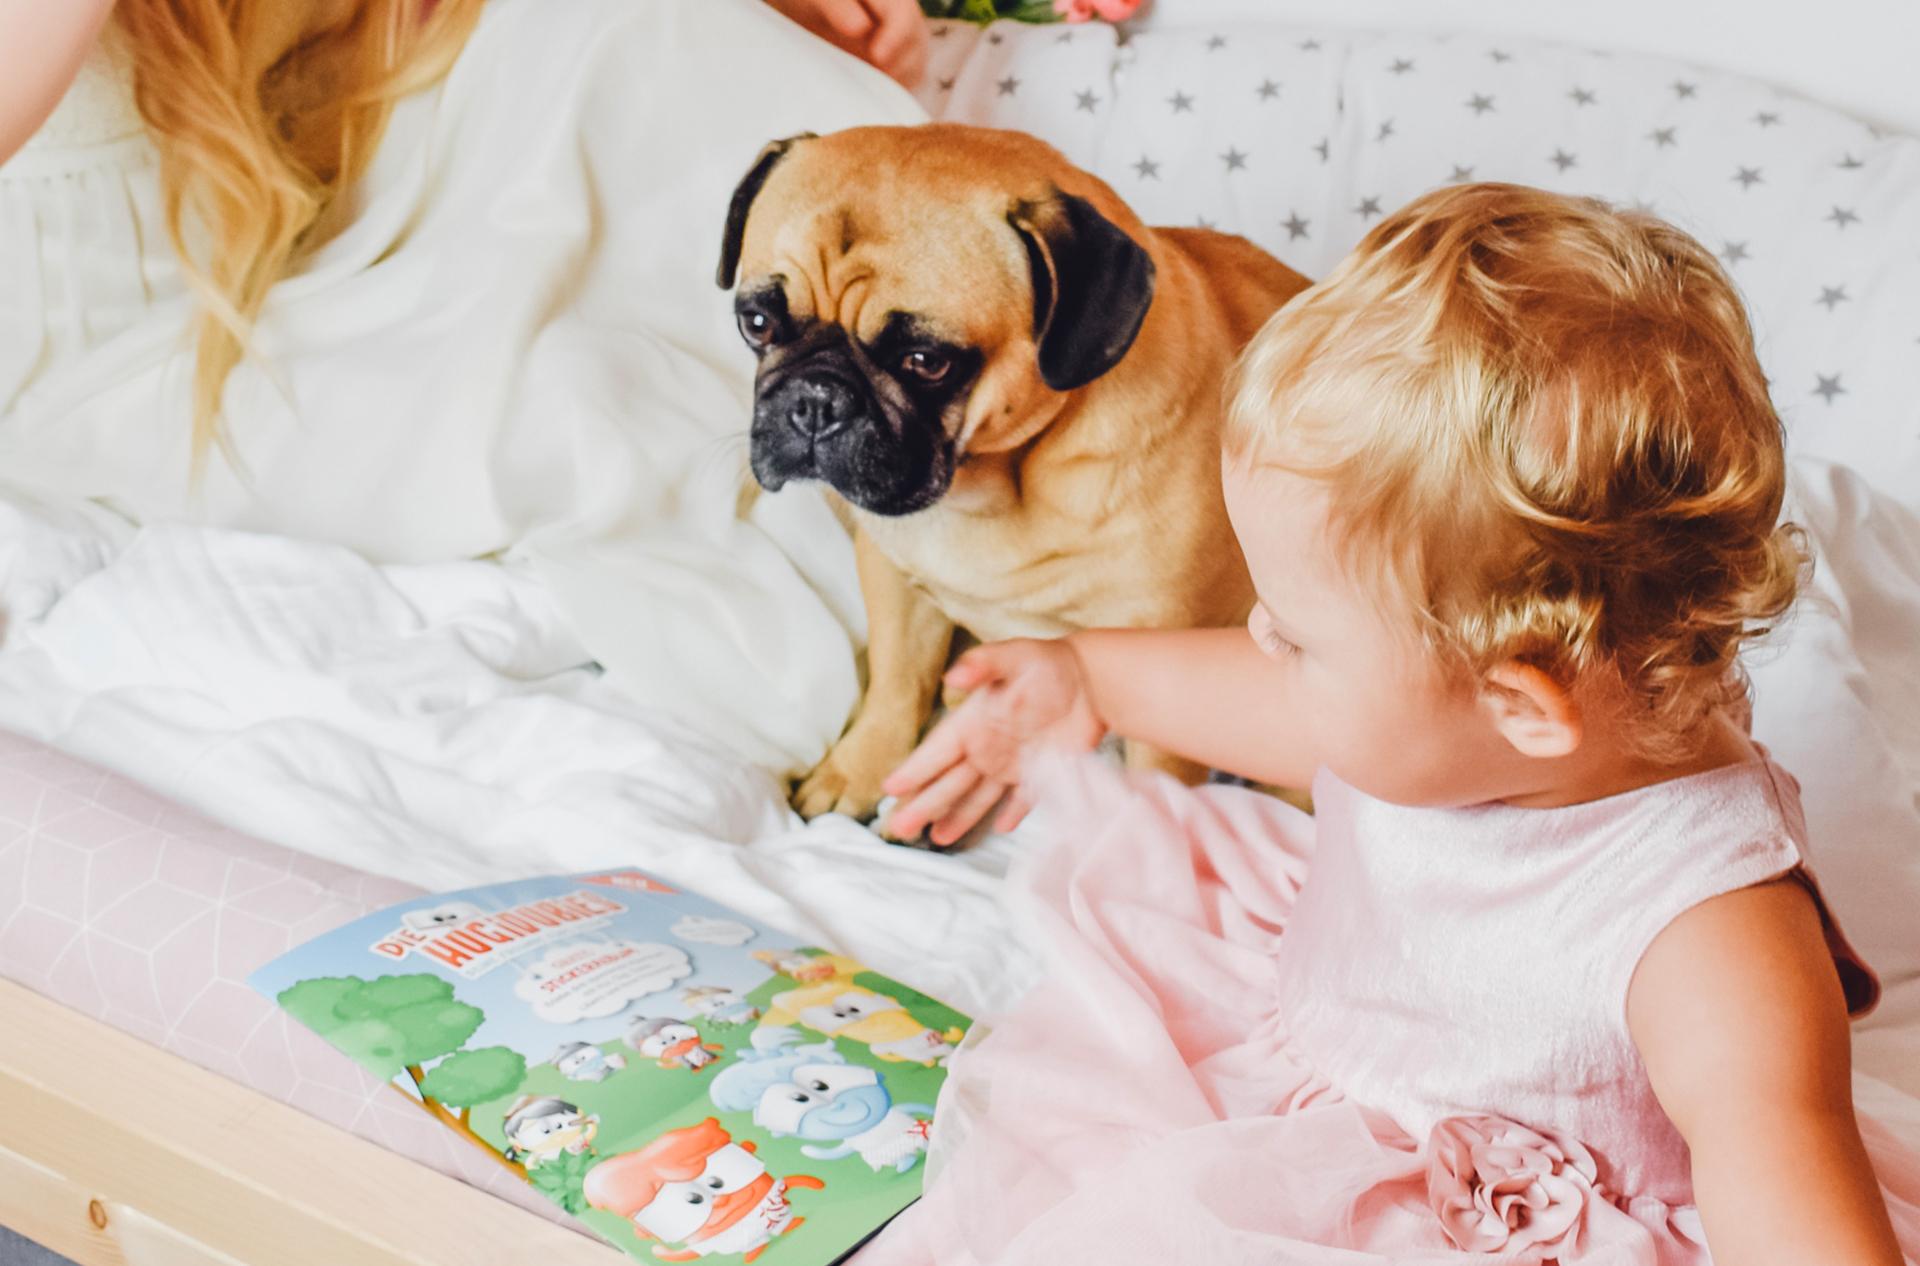 5 Tipps, wie ihr die Lese-Liebe eurer Kinder fördert inkl. gratis Stickeralbum von Hugendubel 14